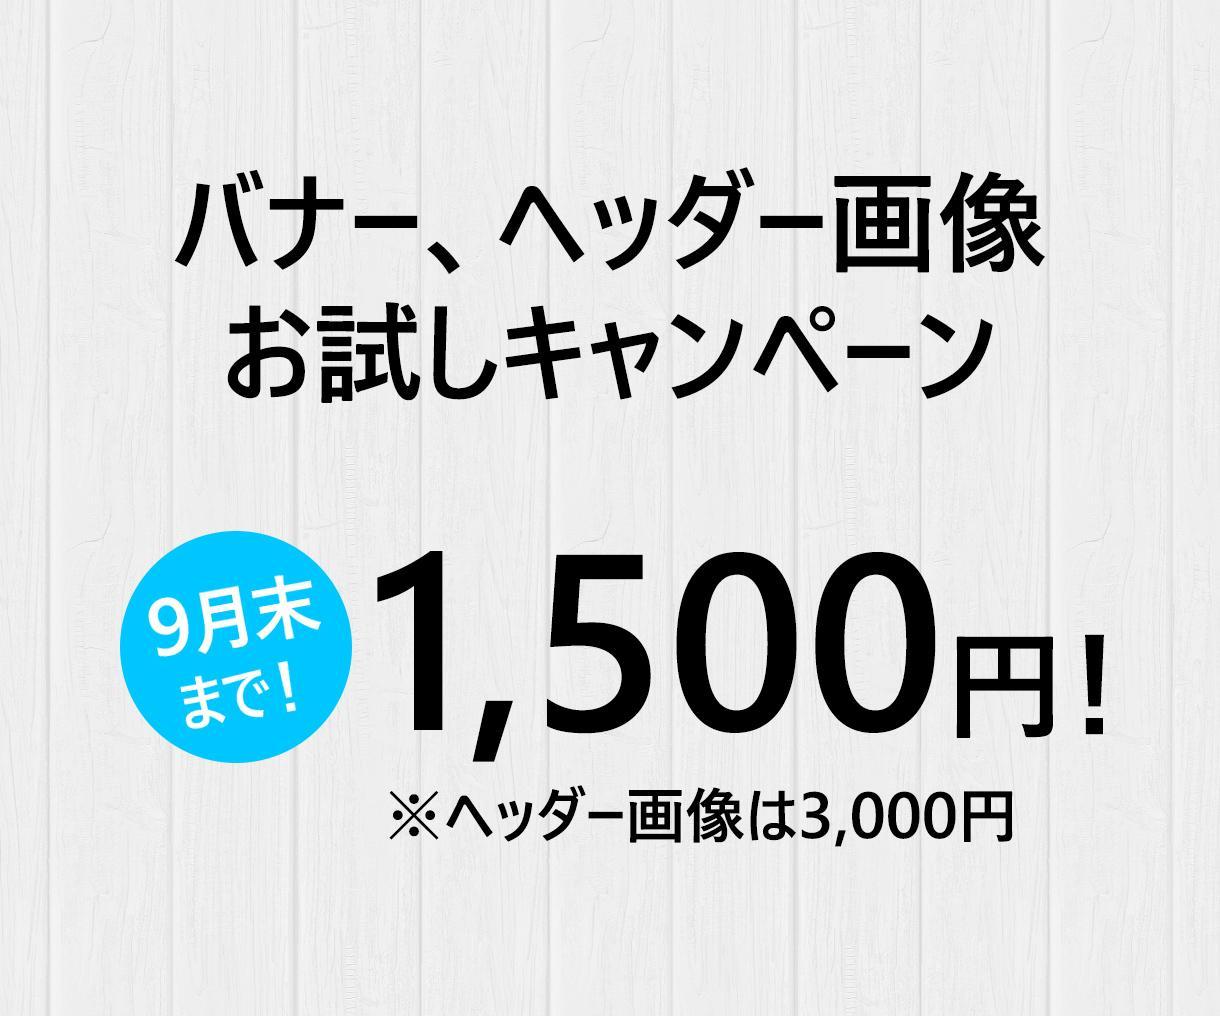 プロのデザイナーがバナー1,500円で作成します バナー、ヘッダー画像お試しキャンペーン! 1,500円~ イメージ1